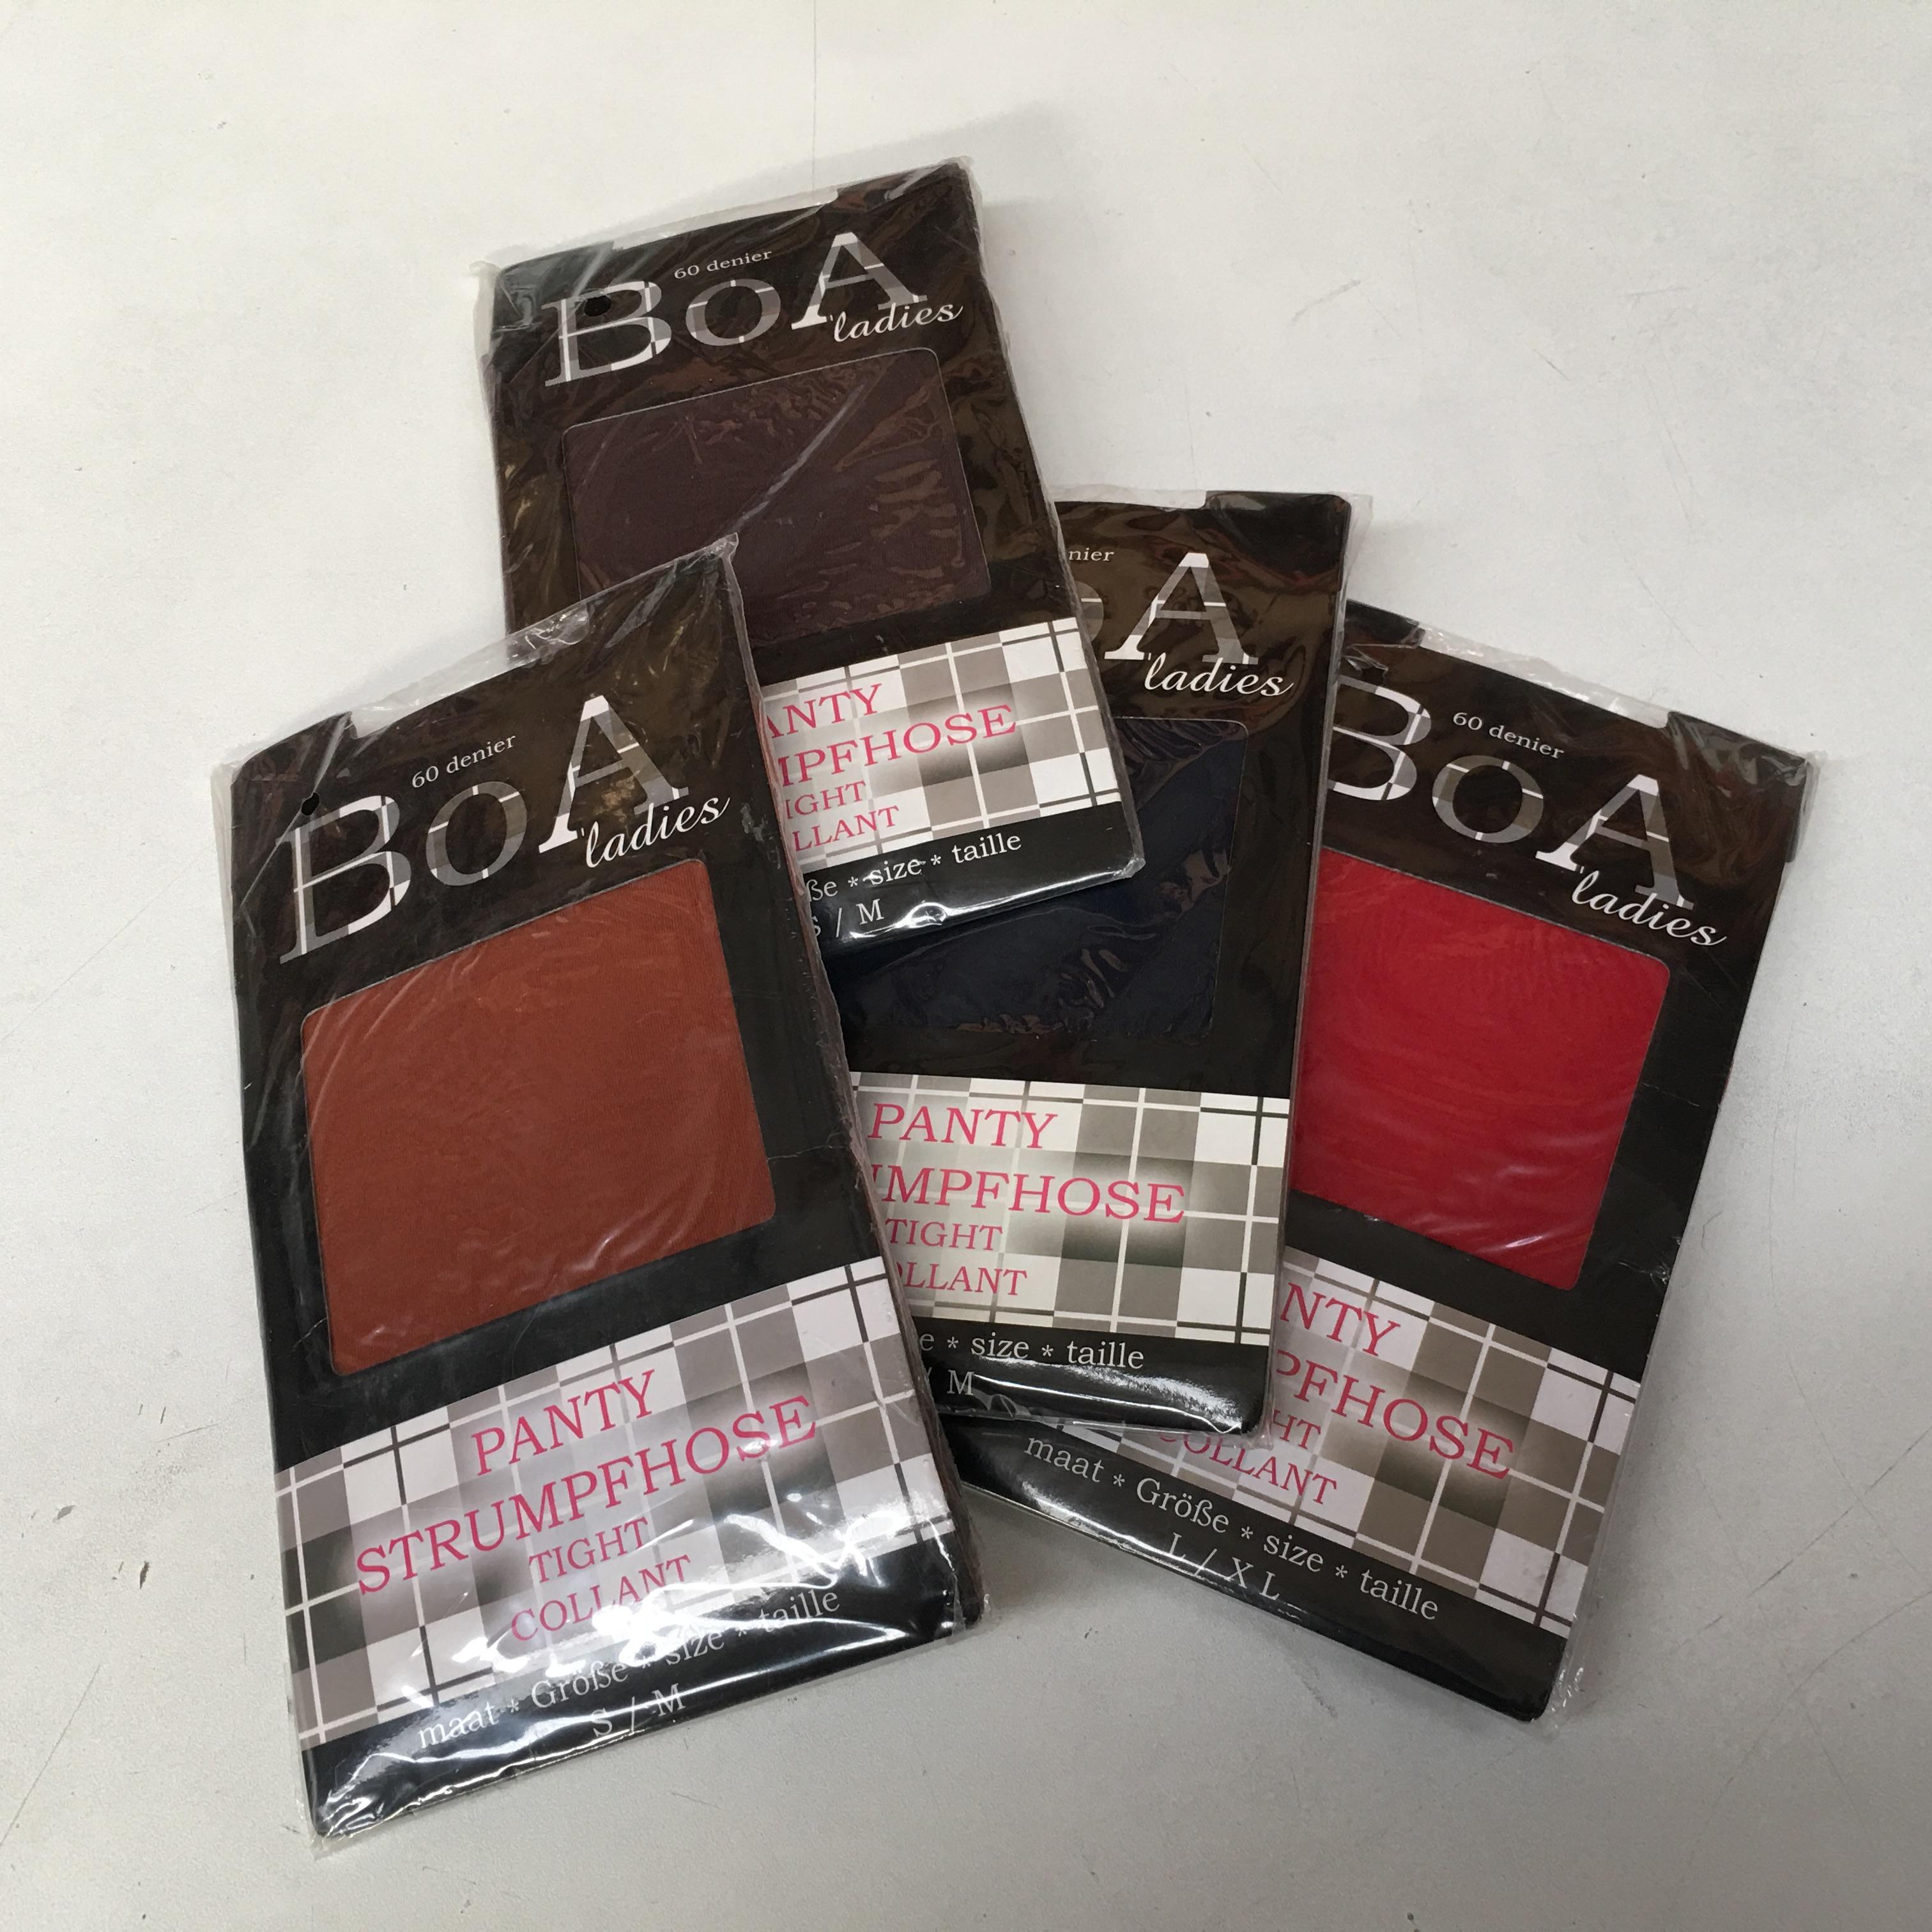 Panties 60 Denier, merk BOA 0,45 cent p.st. Leuke partijtjes voor markt of braderie of in de webshop. Originele advies verkoopprijs is € 9,95 p.st.! In elk pakket a 48 stuks diverse kleuren o.a. bruin, grijs en rood. Maatverdeling: kleur 780: S/M 3 st. L/XL 3 st. kleur 739: S/M 9 st. L/XL 9 st. kleur 700: S/M 6 st. L/XL 6 st. kleur 300: S/M 6 st. L/XL 6 st. Prijzen zijn excl. 21% btw.